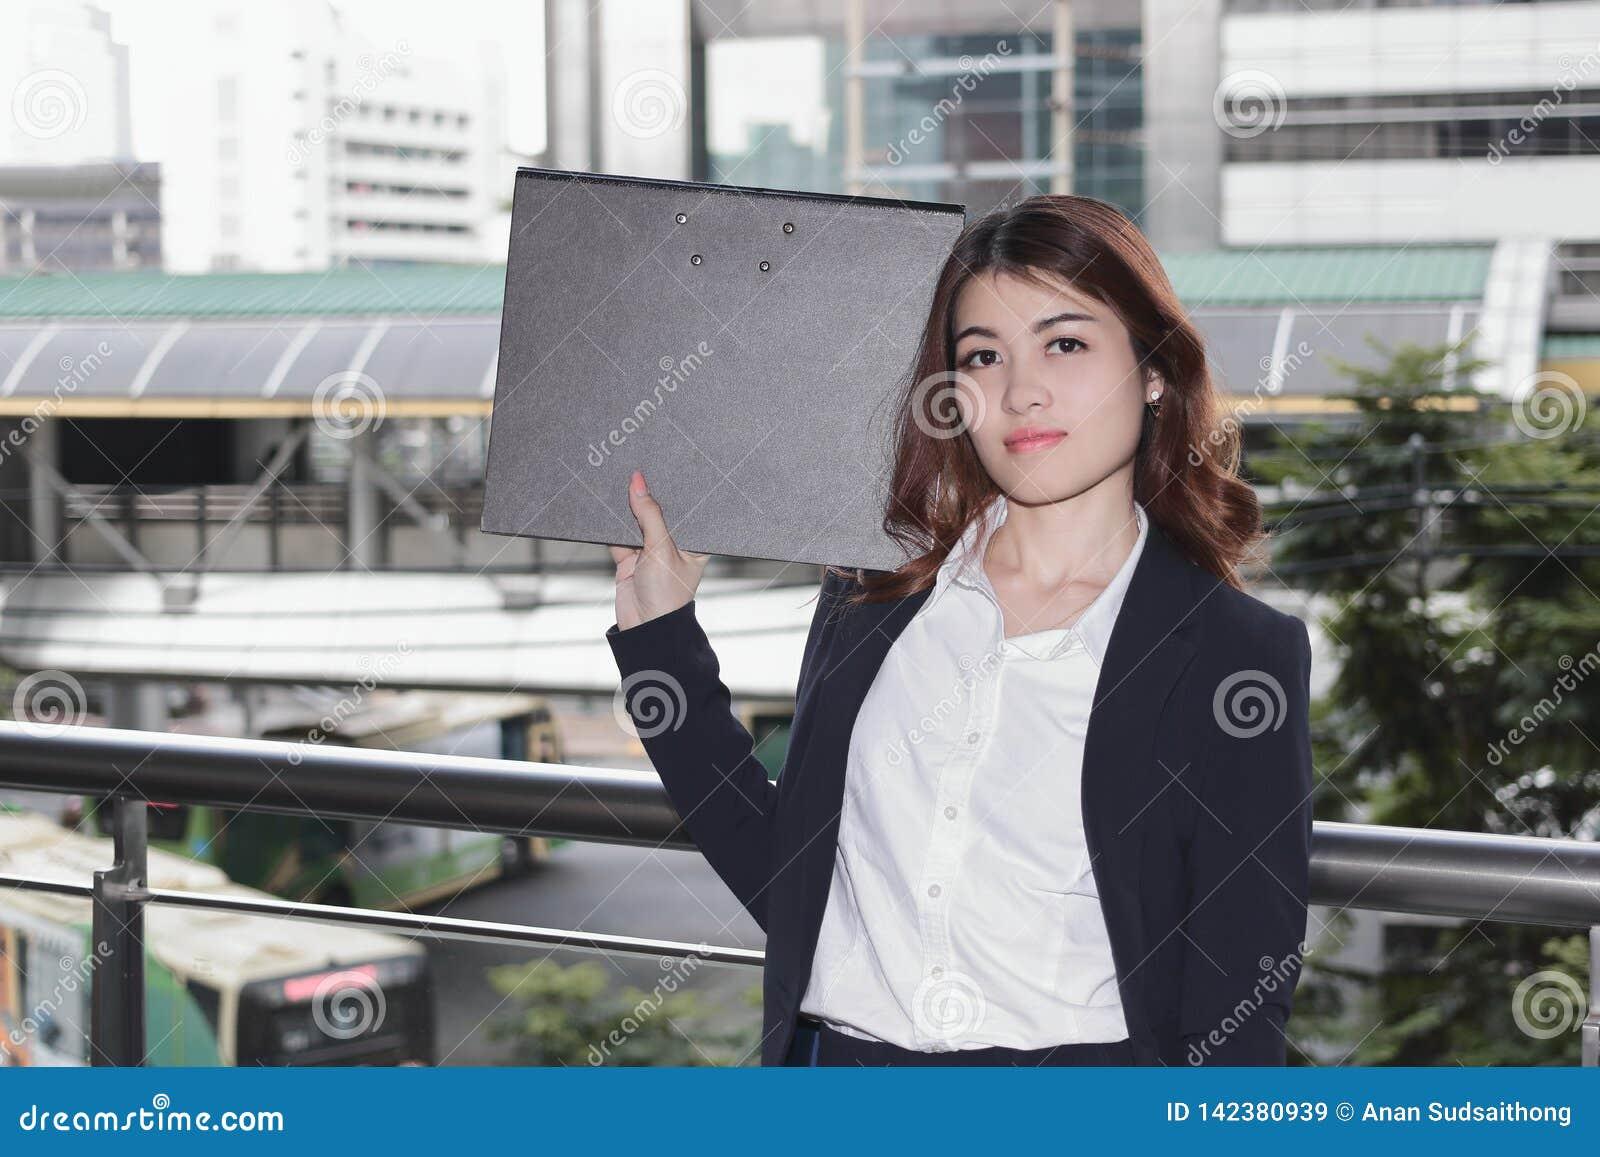 Πορτρέτο του ελκυστικού νέου ασιατικού φακέλλου εγγράφων εκμετάλλευσης γυναικών γραμματέων στο εξωτερικό γραφείο